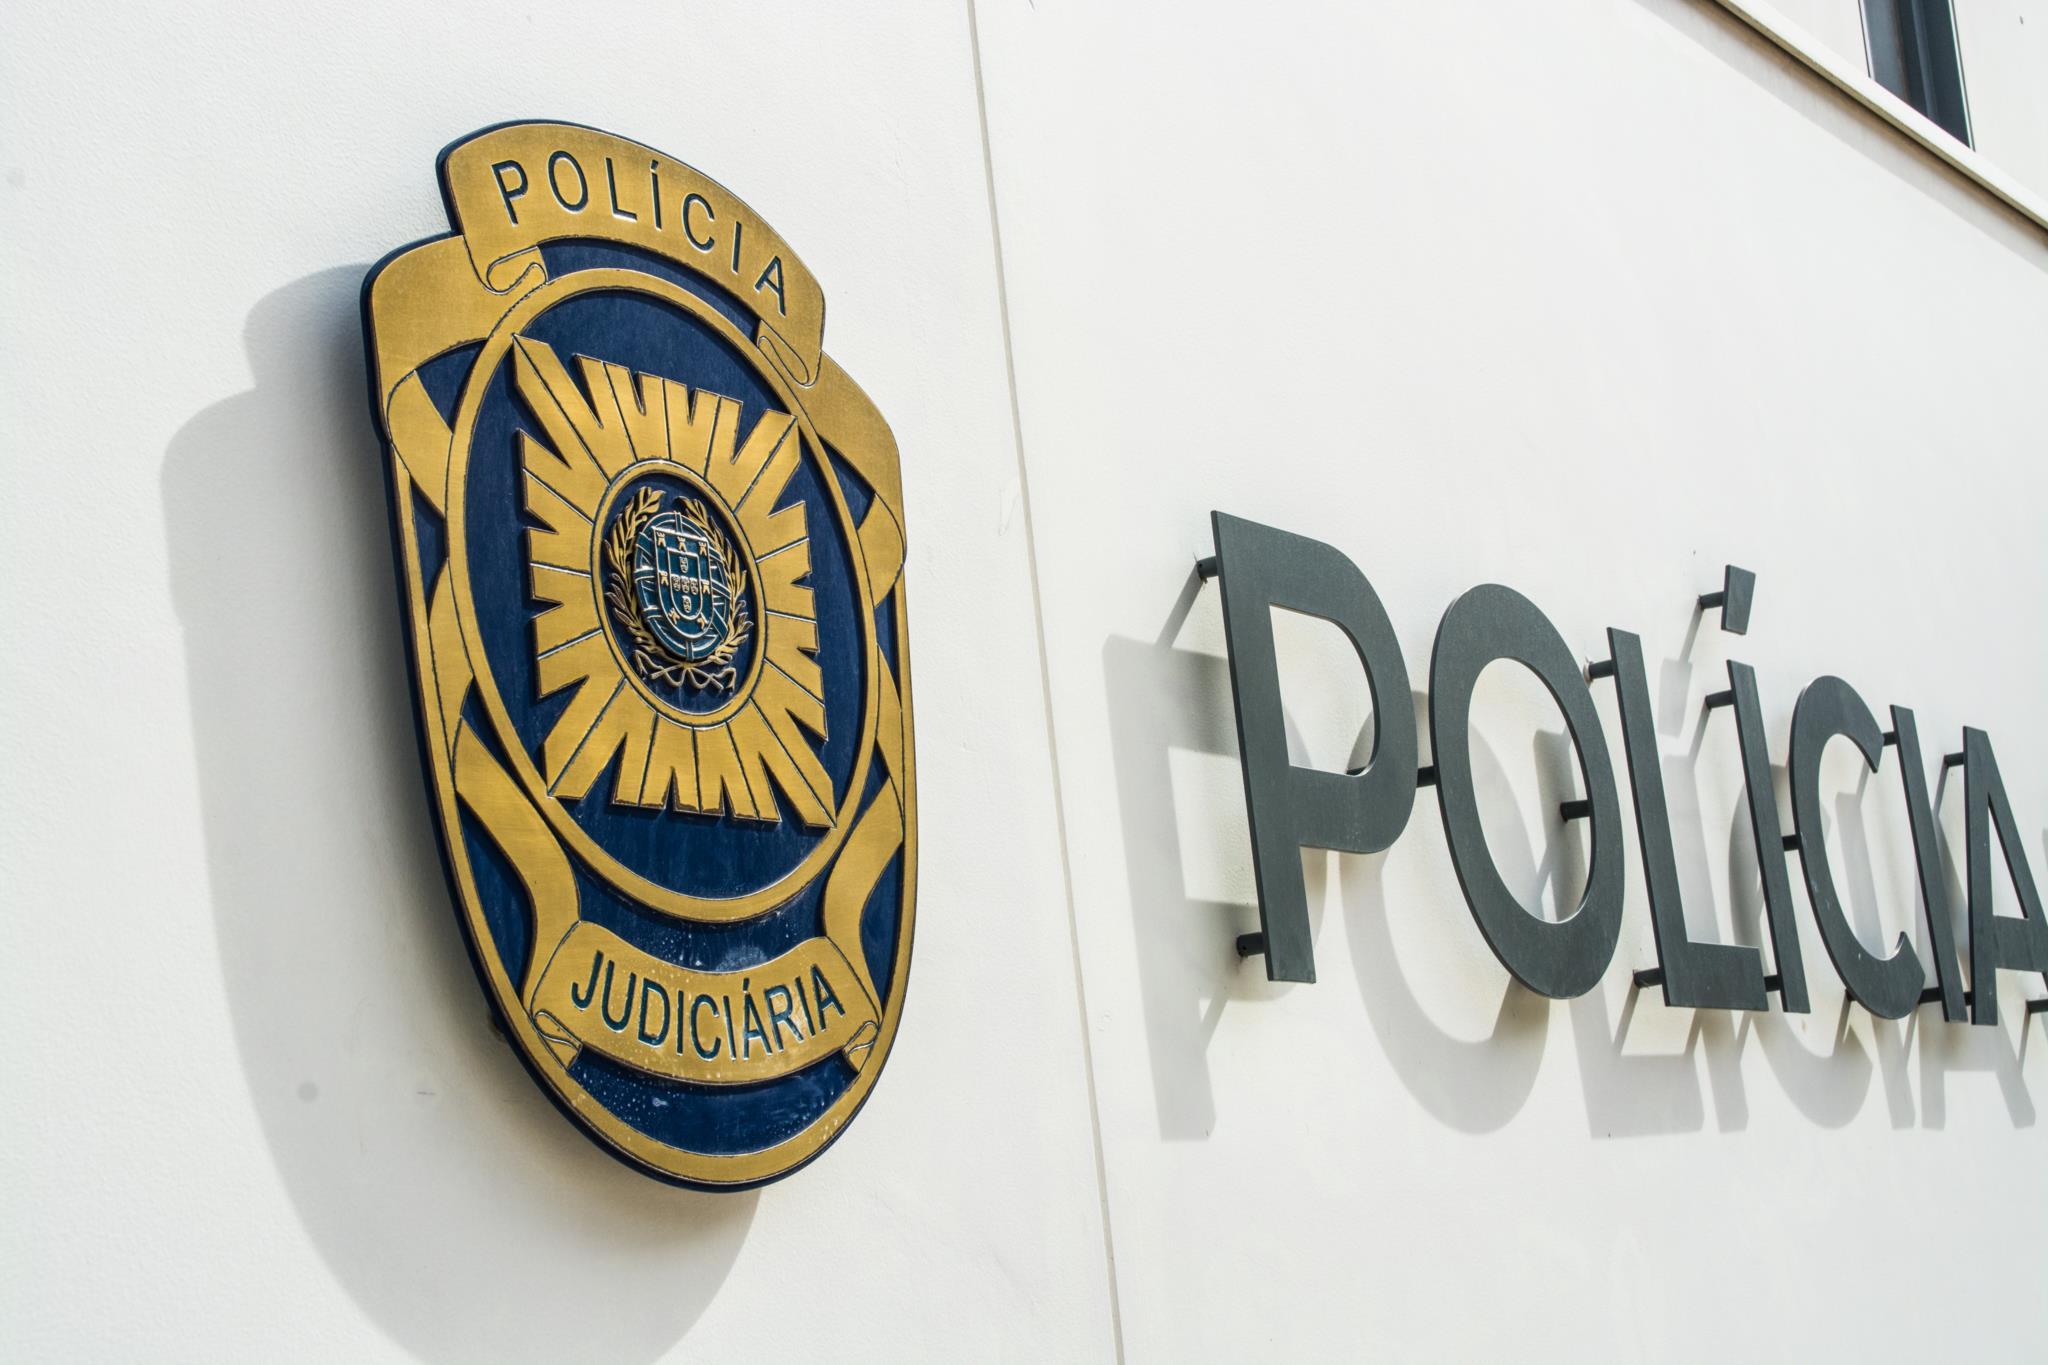 PÚBLICO - Inspectora da PJ acusada de matar avó do marido reafirma inocência